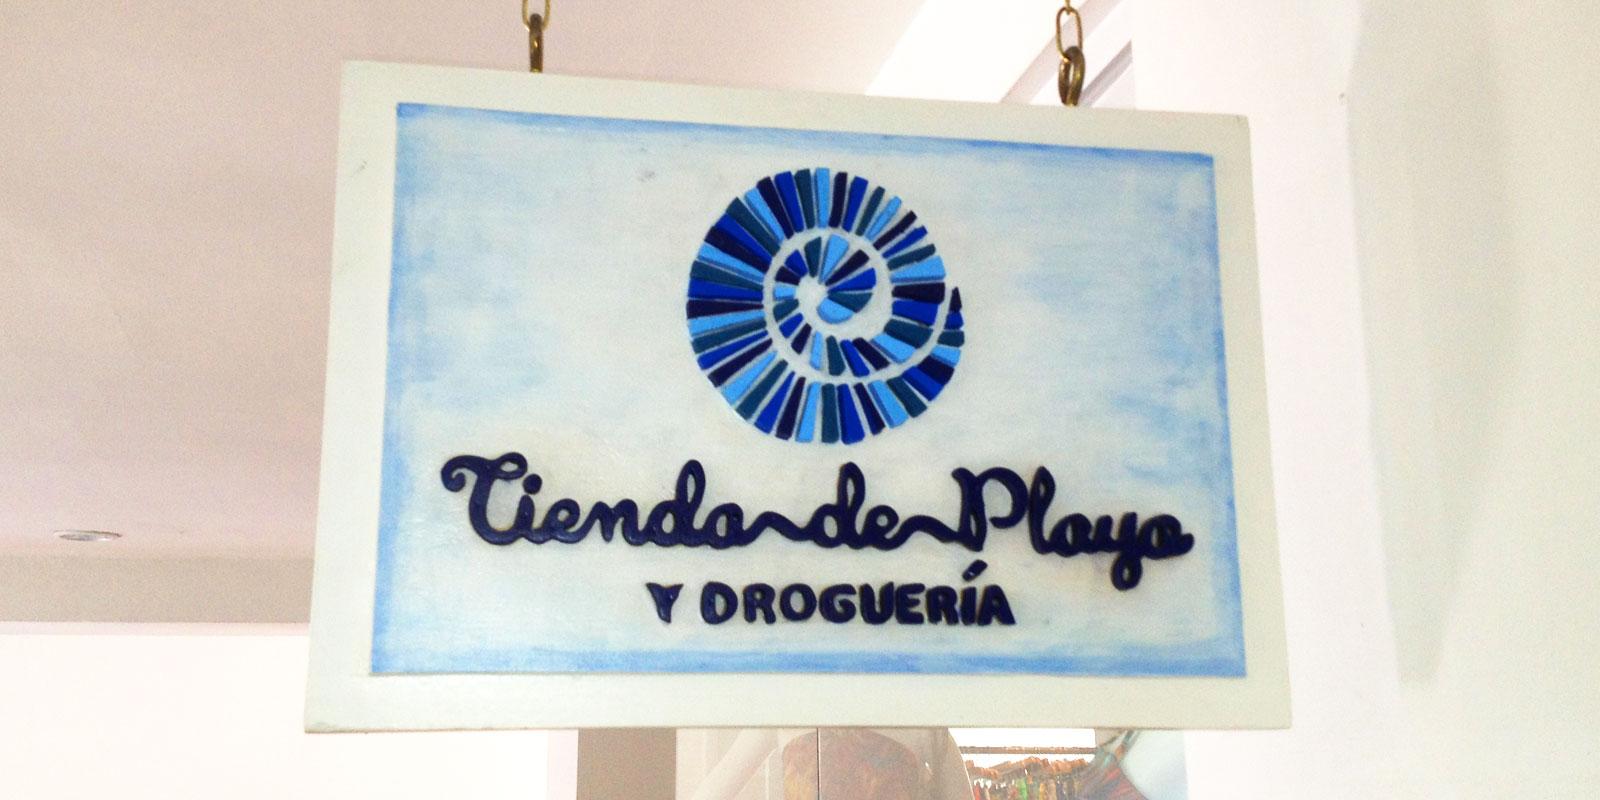 Tienda de Playa